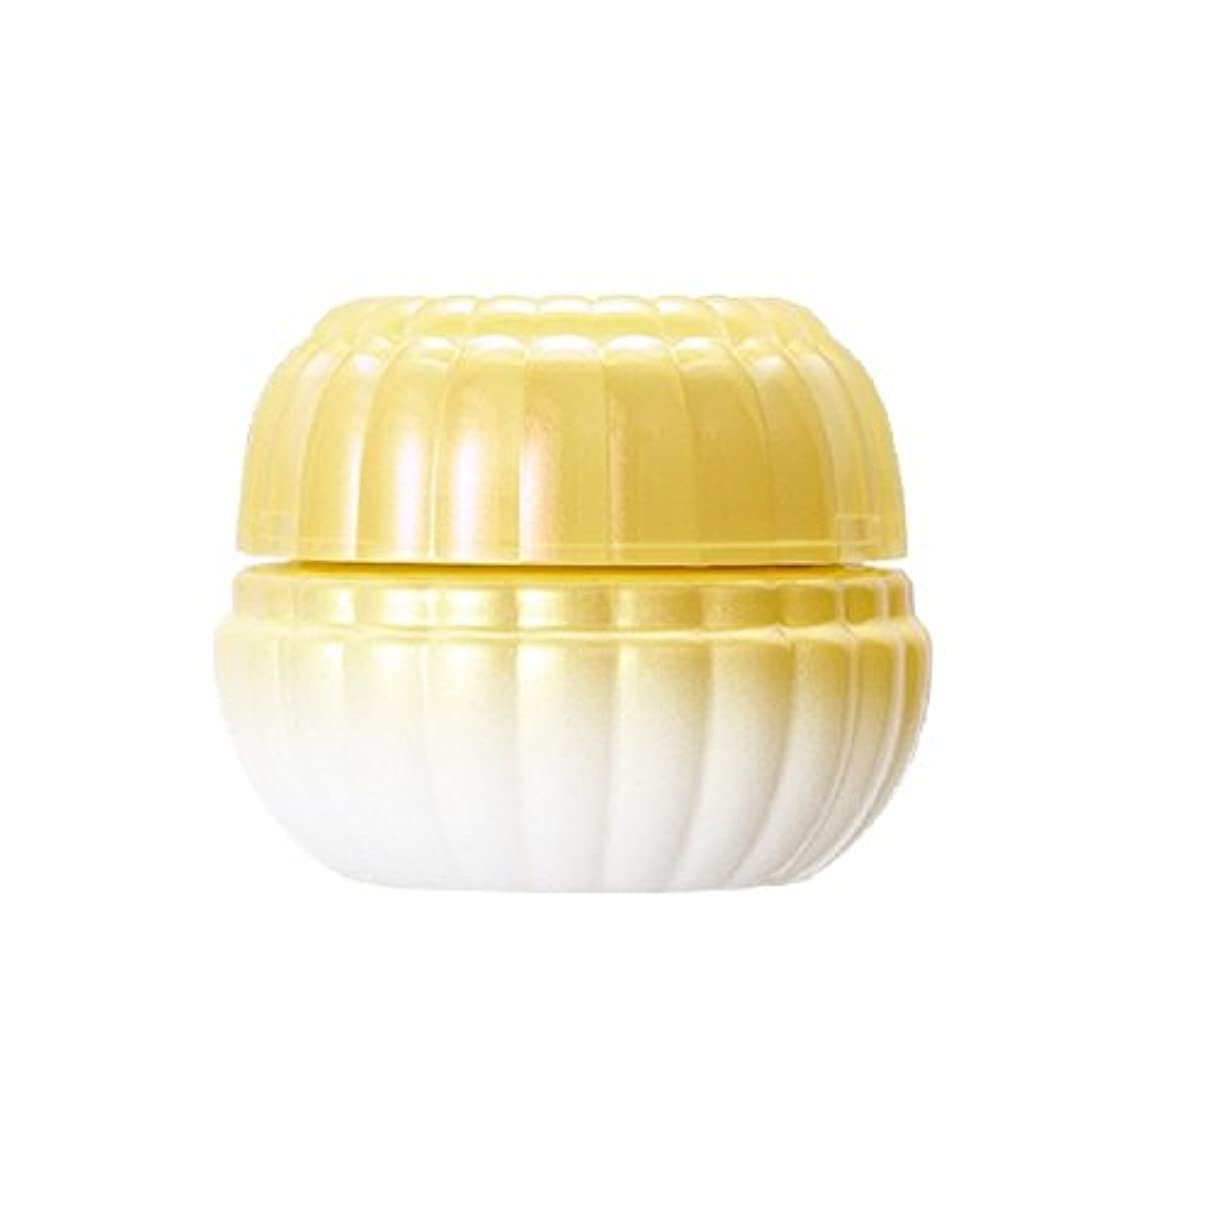 落ち着いたその間飢えたアユーラ (AYURA) モイストパワライズクリーム (医薬部外品) 28g 〈美白クリーム〉